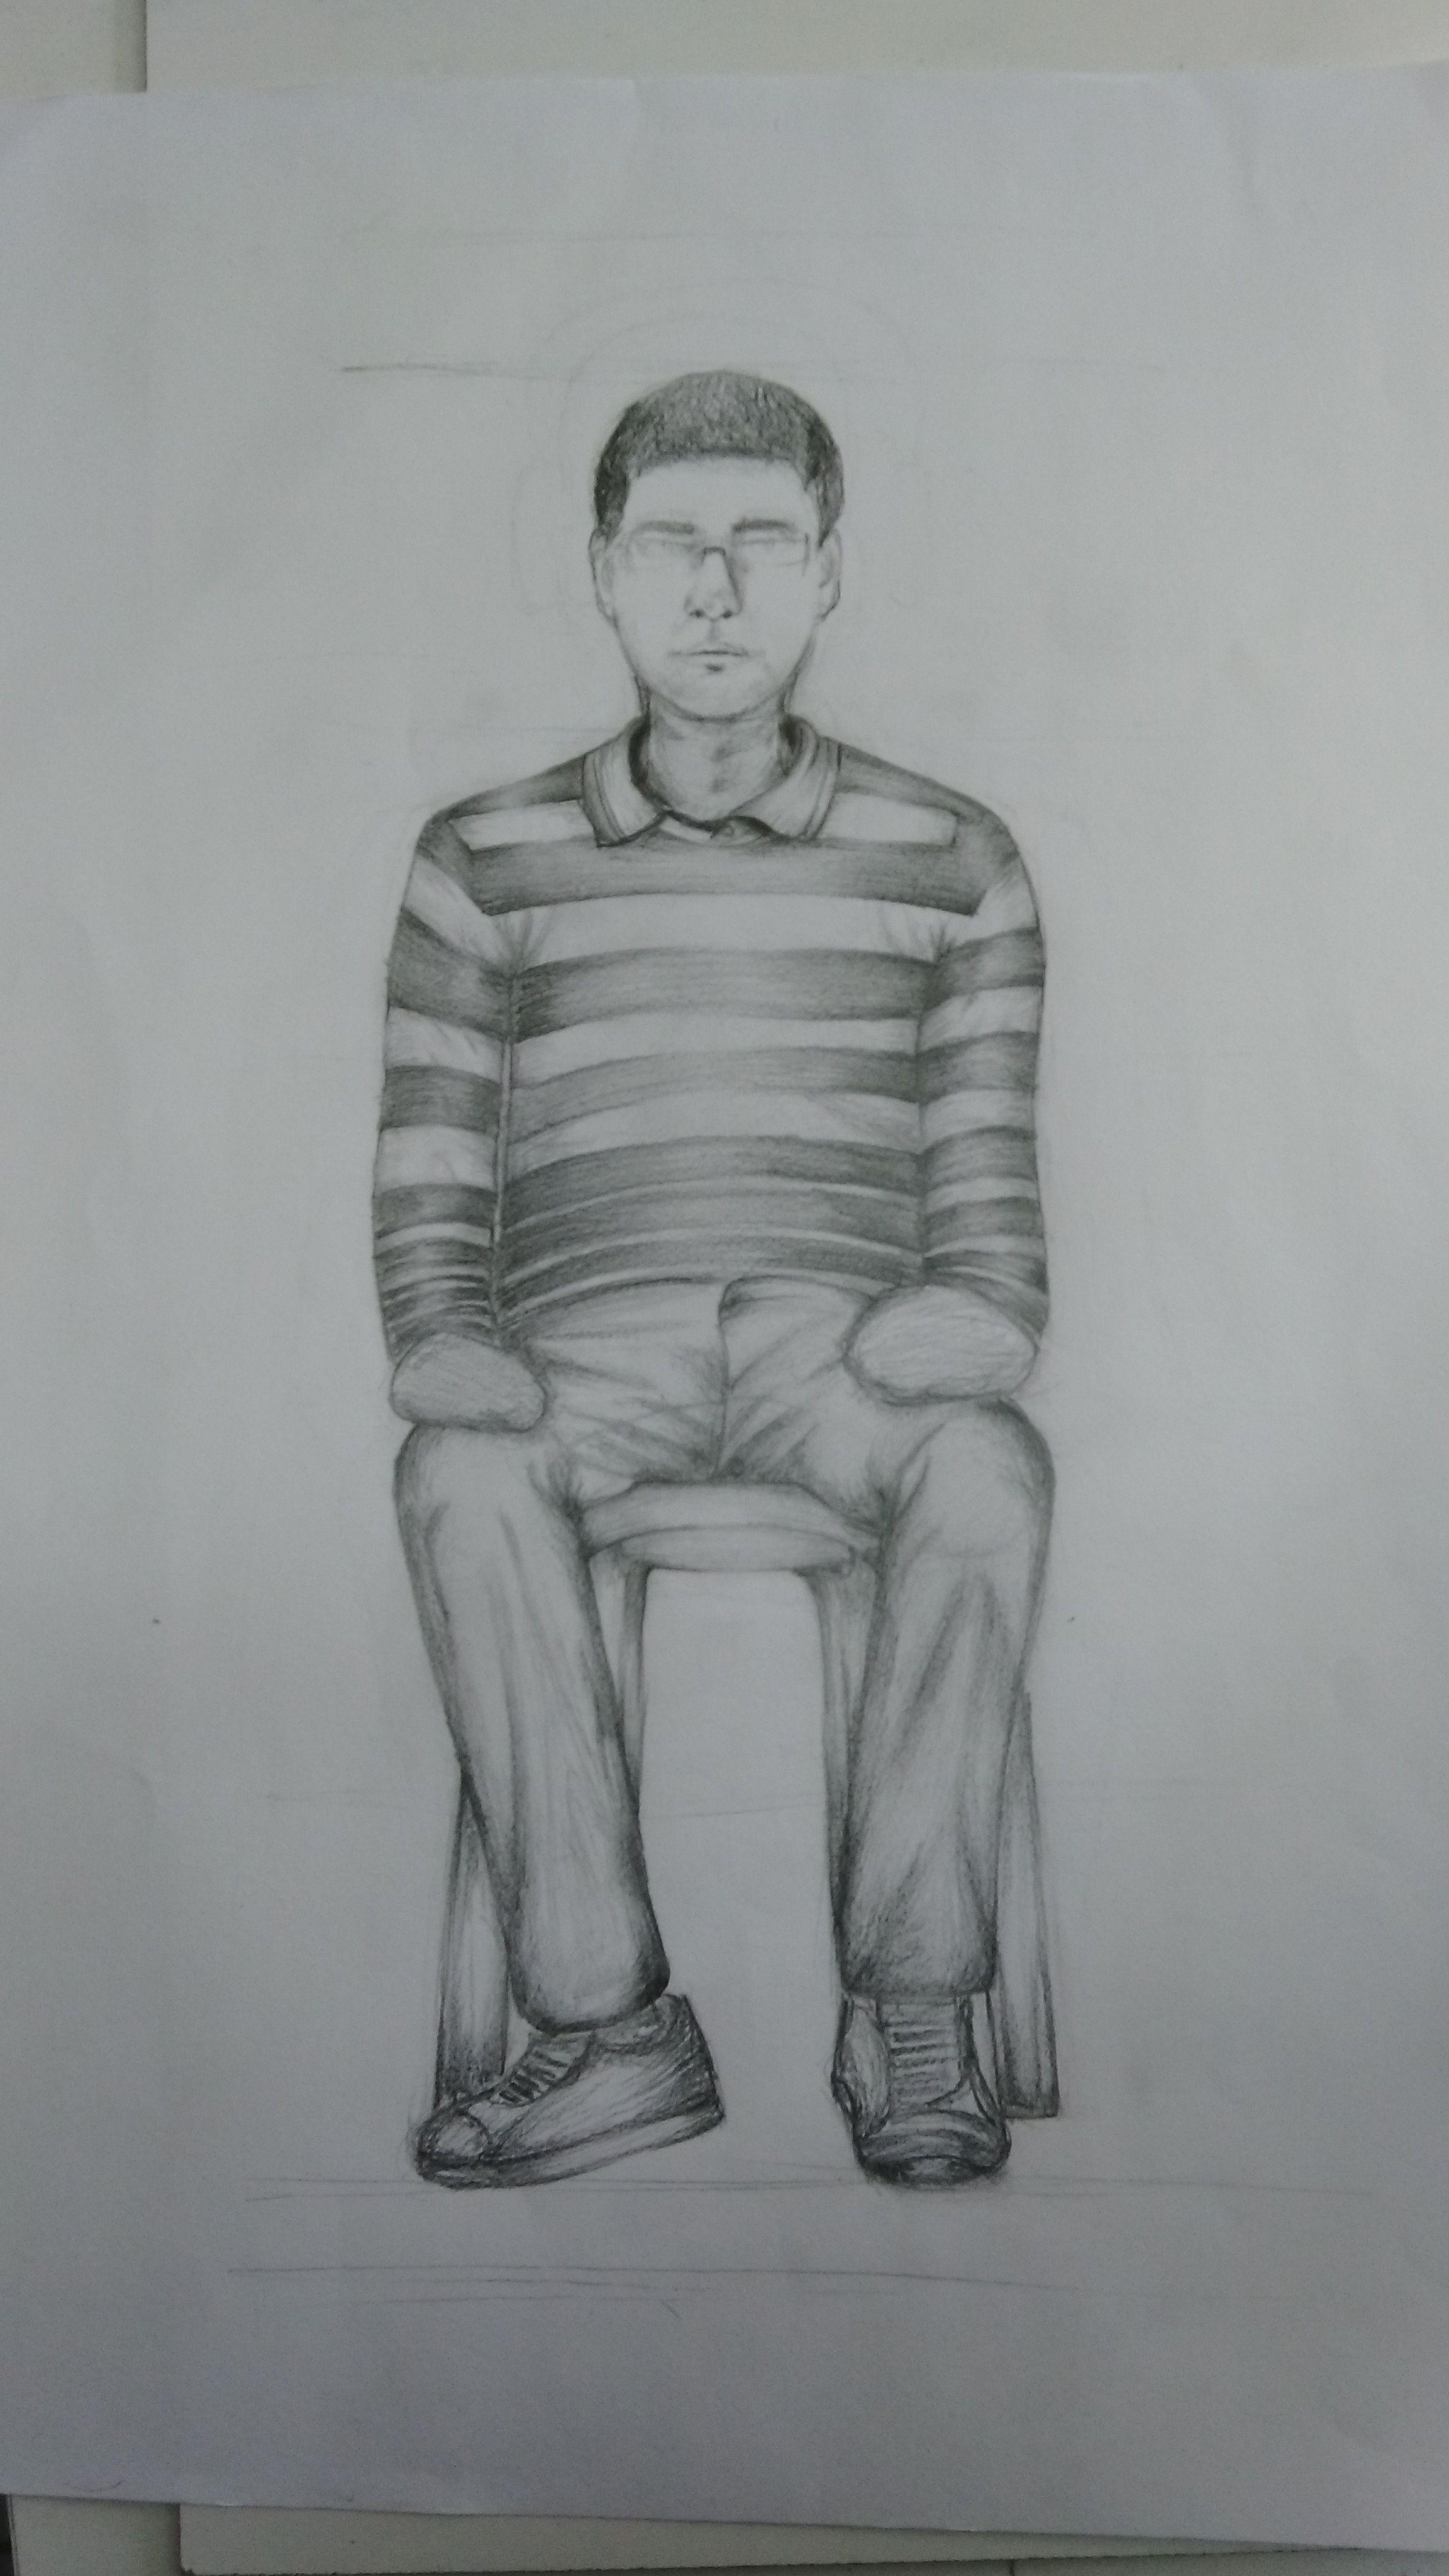 Canlı Insan Figürü Karakalem çizimlerim Sketches Ve Art